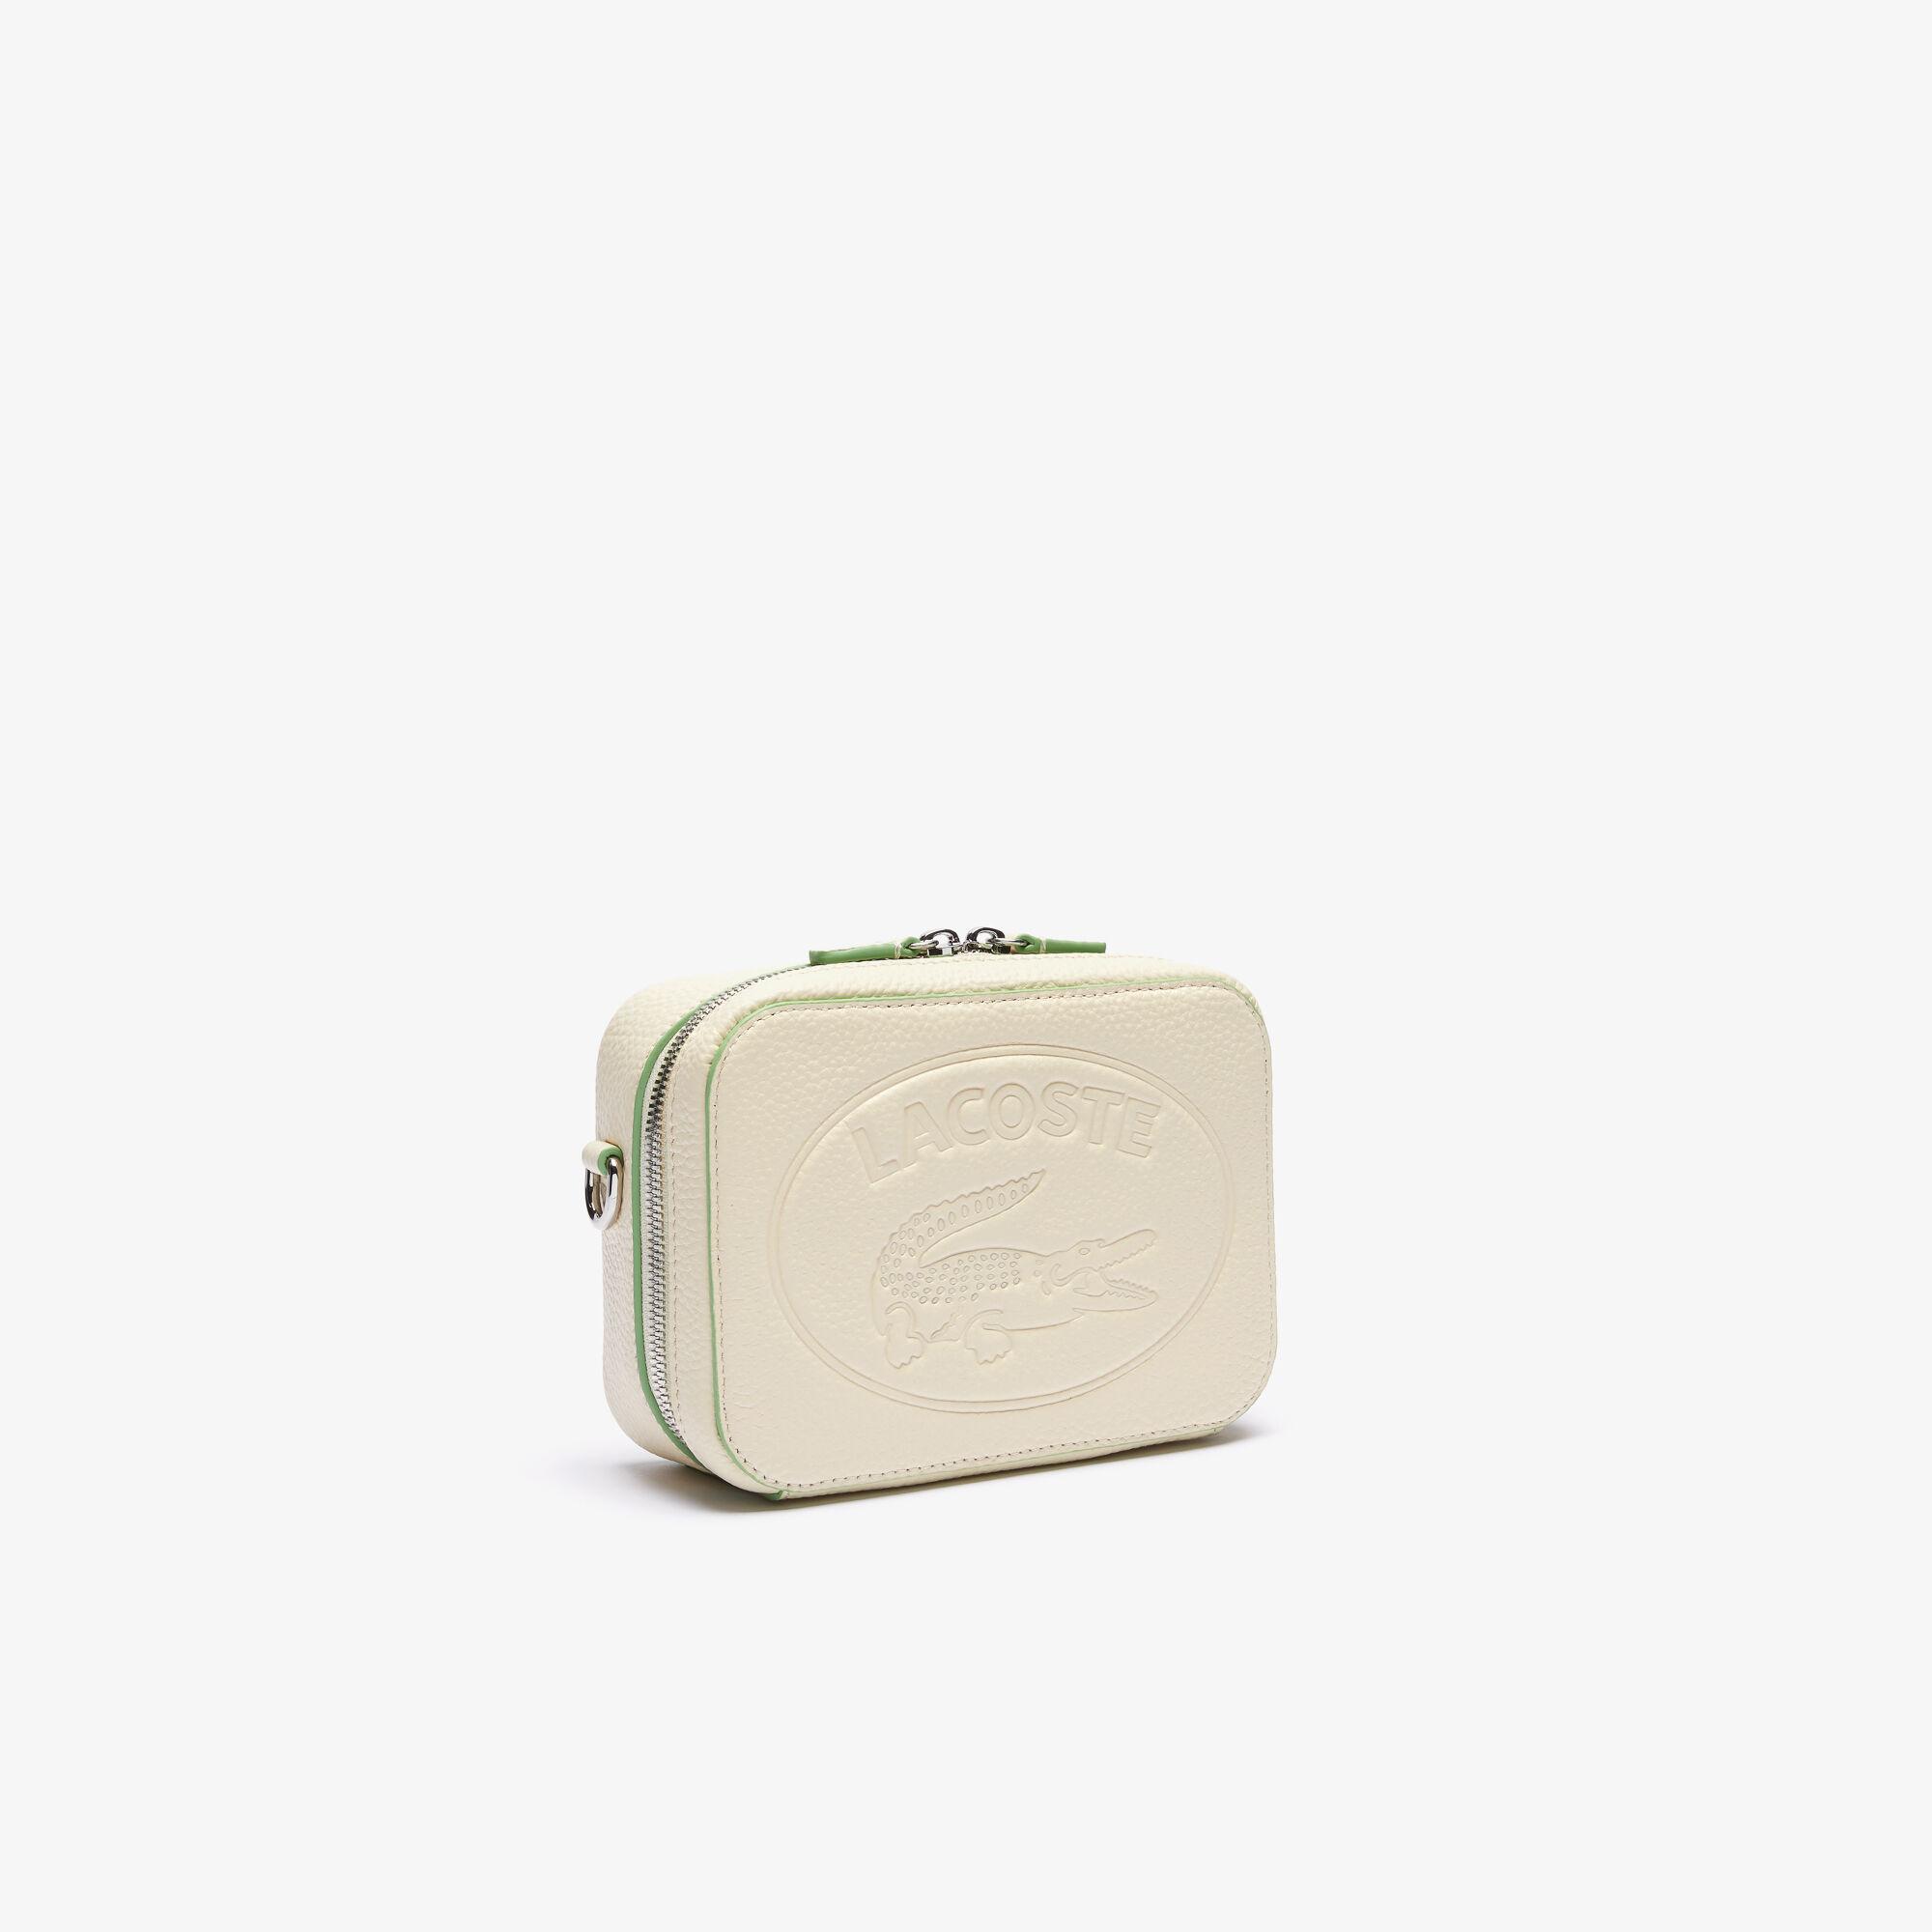 حقيبة من الجلد المحبب مع حزام كتف قابل للفصل من مجموعة Croco Crew للنساء